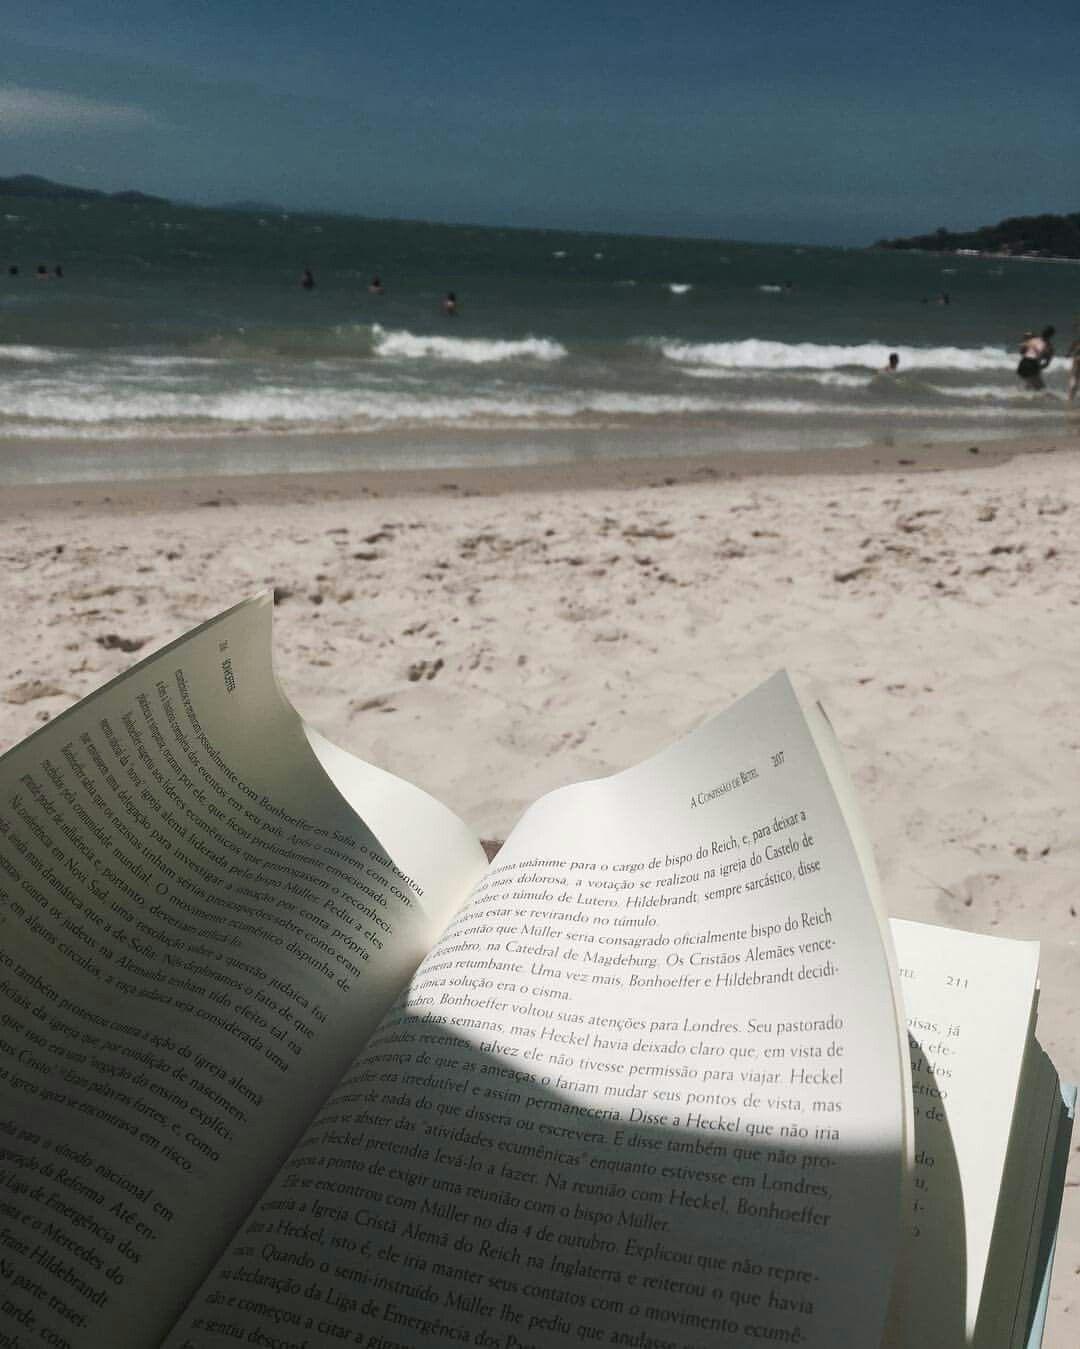 viagem, trip, road, férias, livro, book, praia, beach, calm, wind